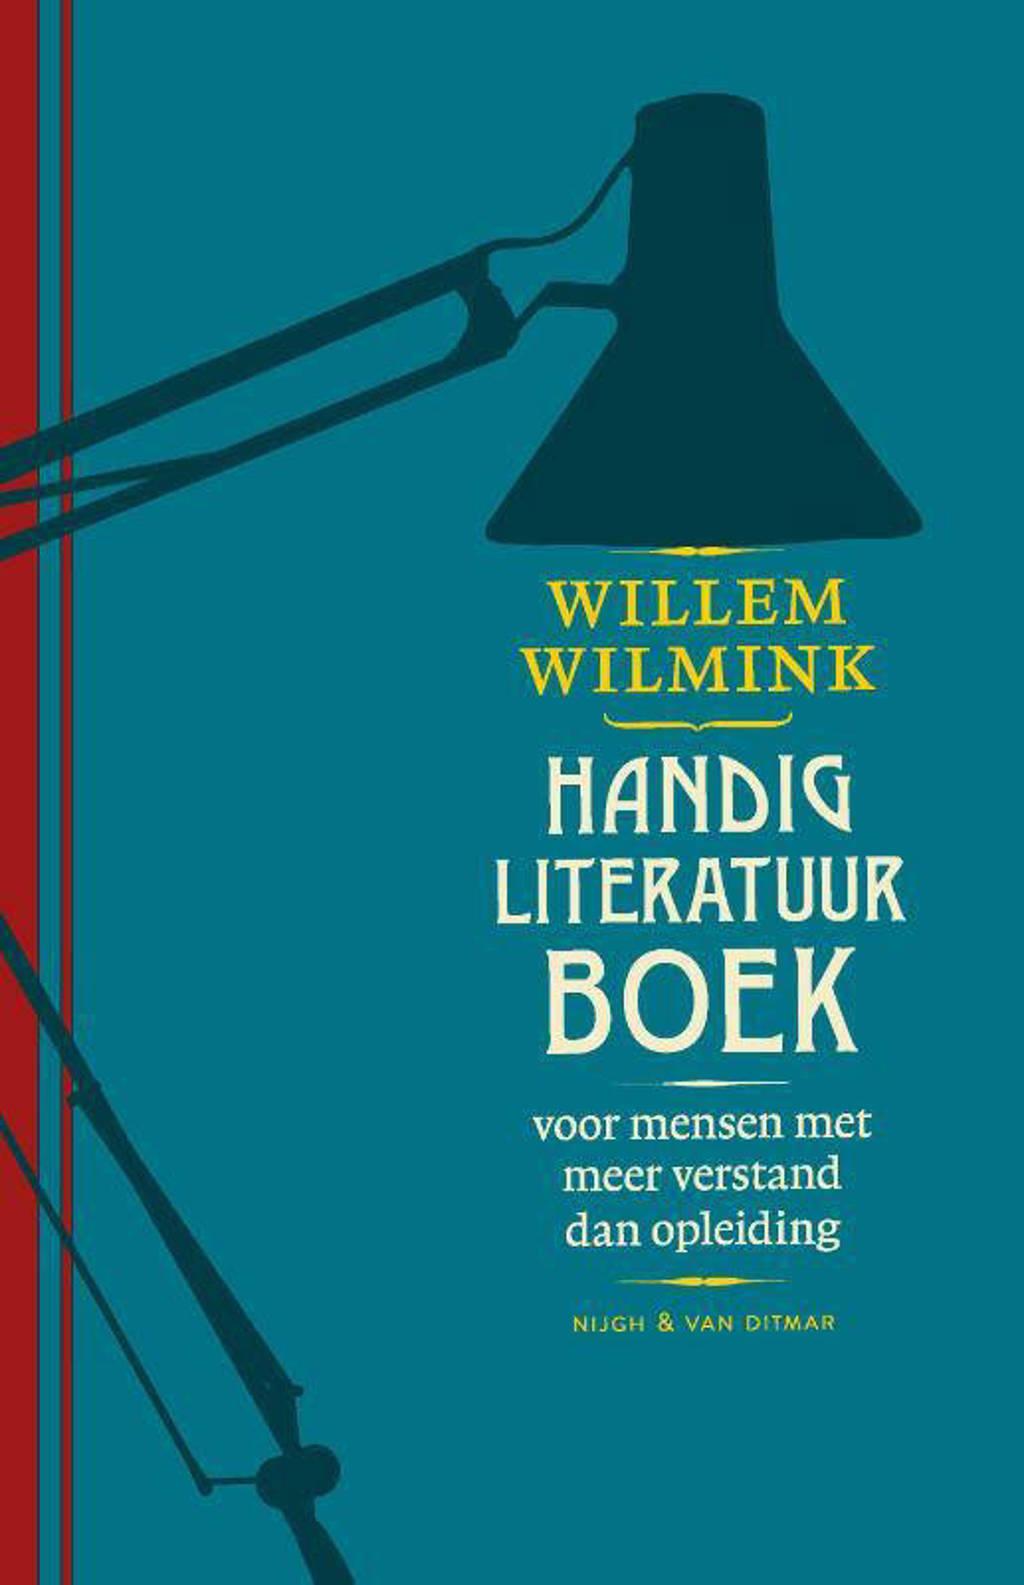 Handig literatuurboek - Willem Wilmink